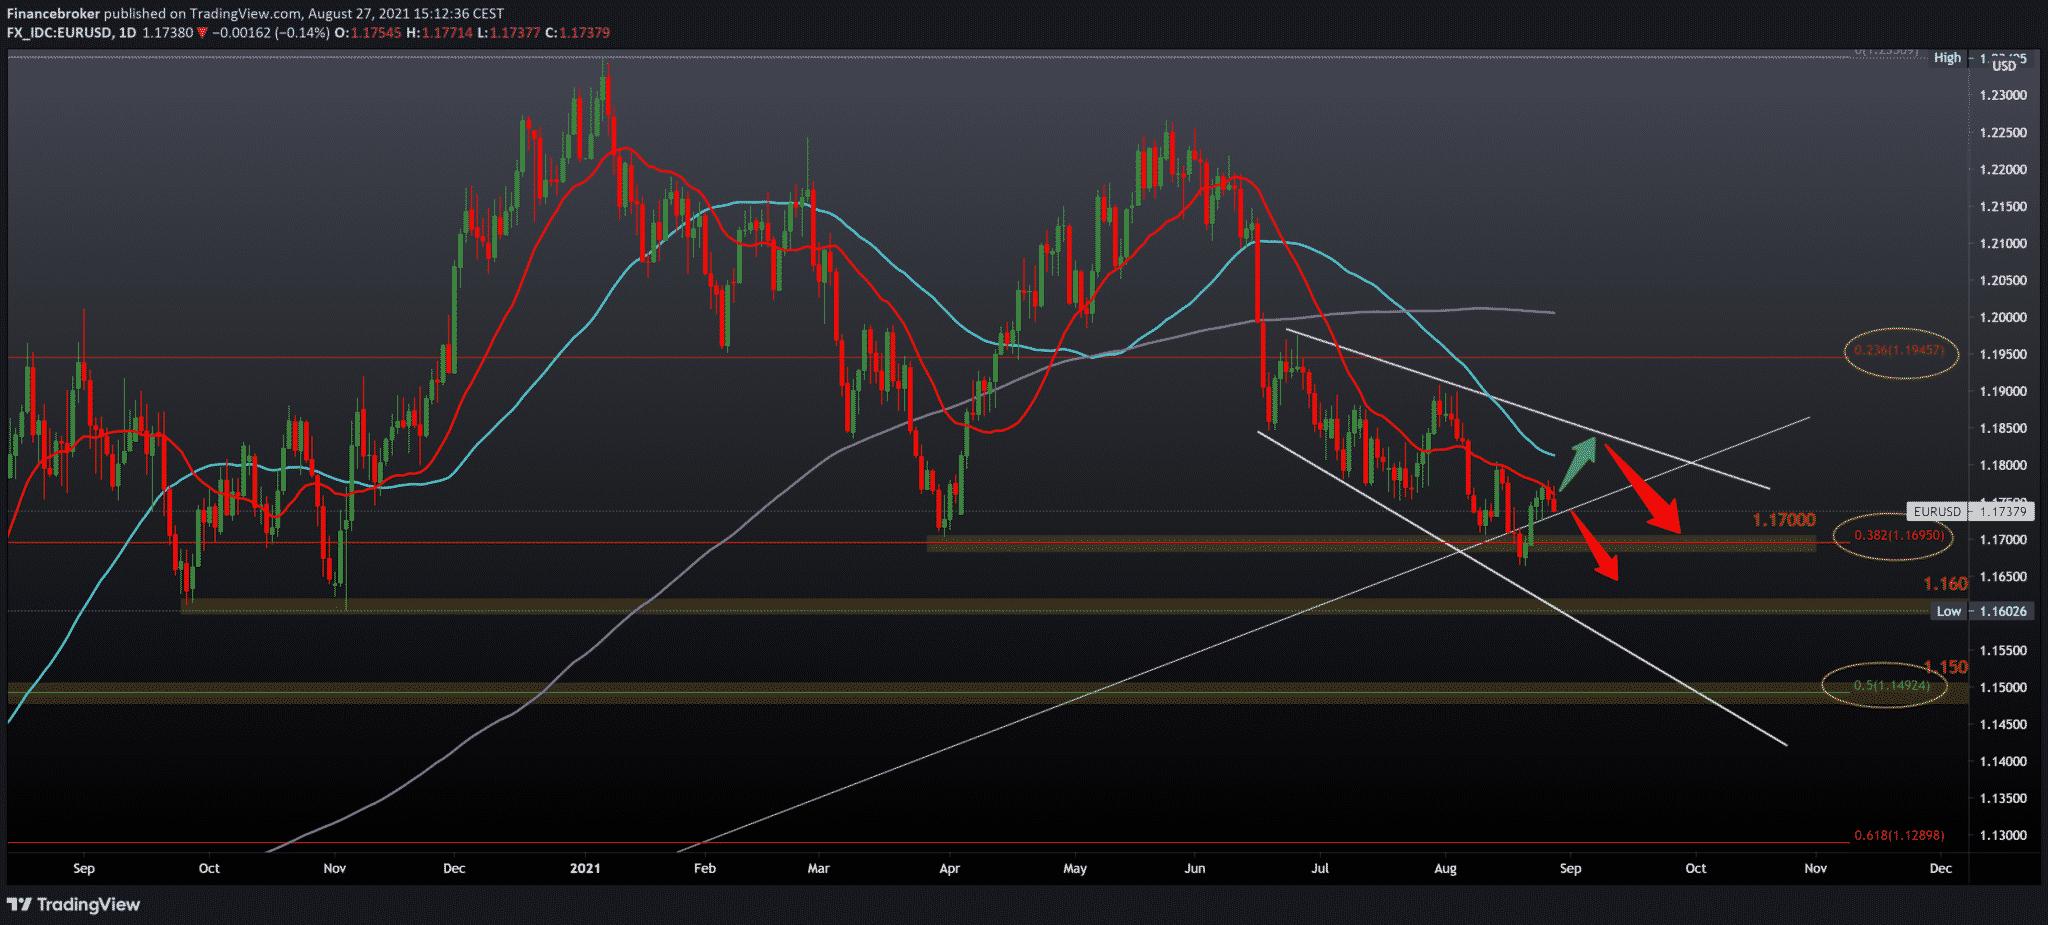 EURUSD, GBPUSD, AUDUSD still under dollar pressure